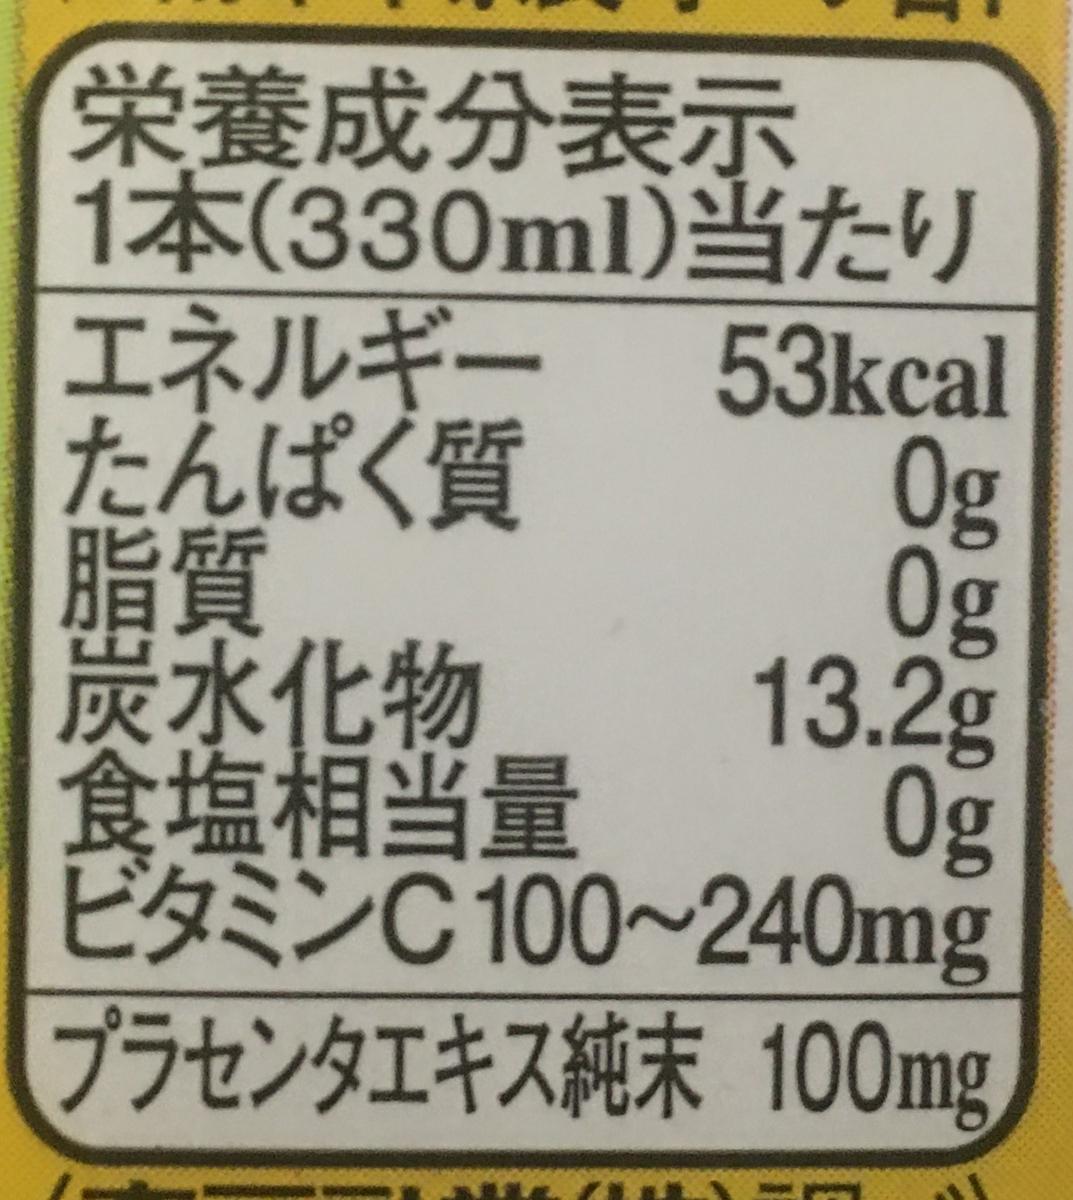 f:id:YOSHIO1010:20200414183609j:plain